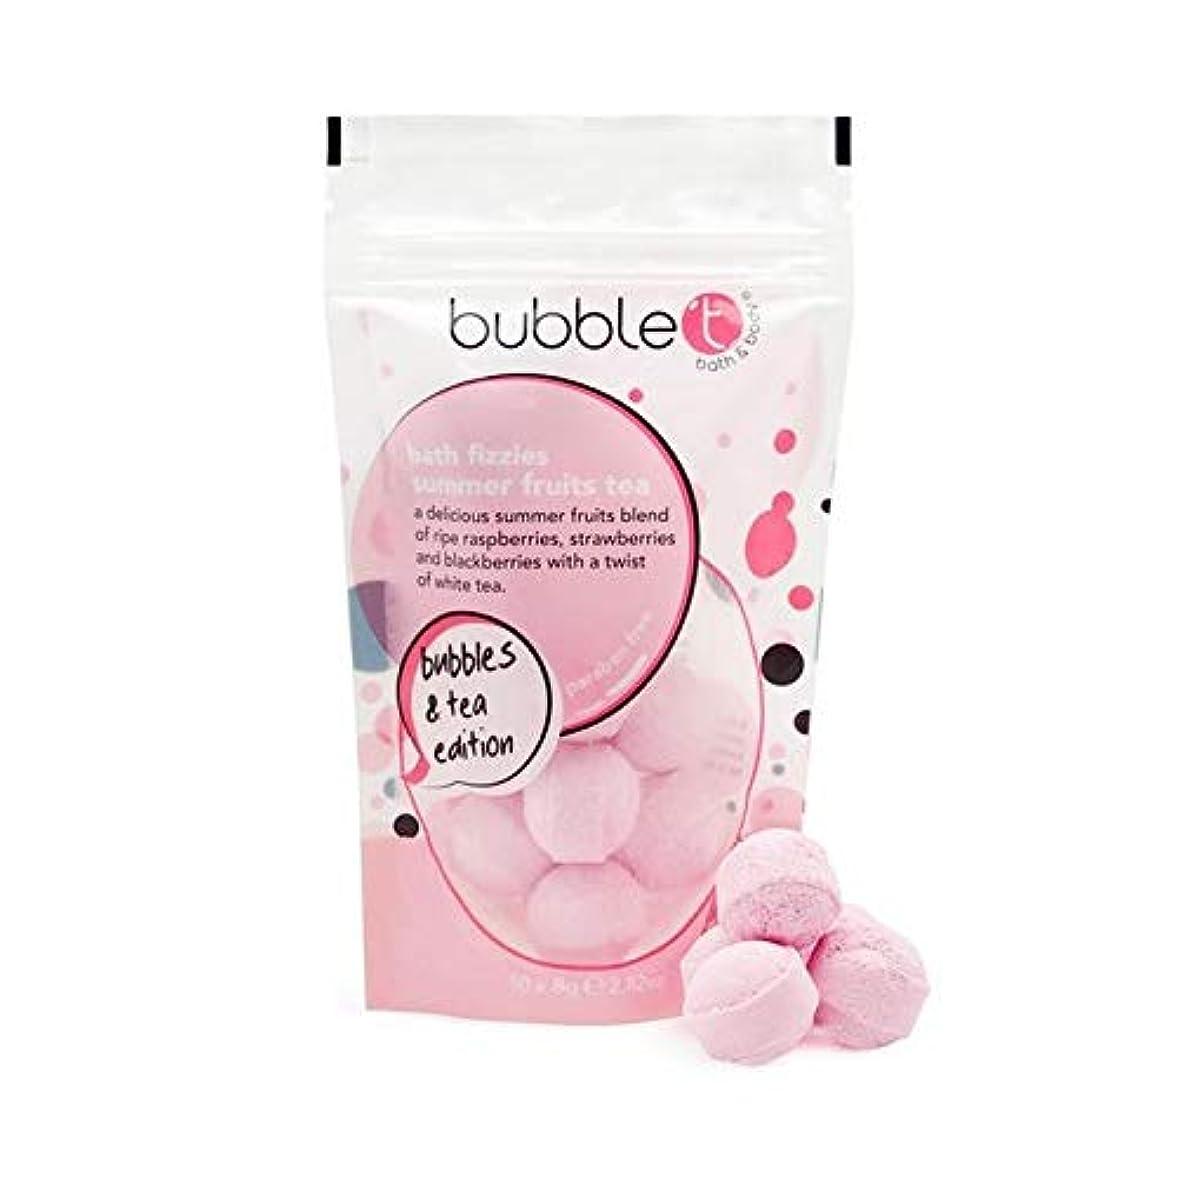 広告するスペクトラム法廷[Bubble T ] バブルトンの夏の果物風呂爆弾Fizzersの5グラム - Bubble T Summer Fruits Bath Bomb Fizzers 5g [並行輸入品]